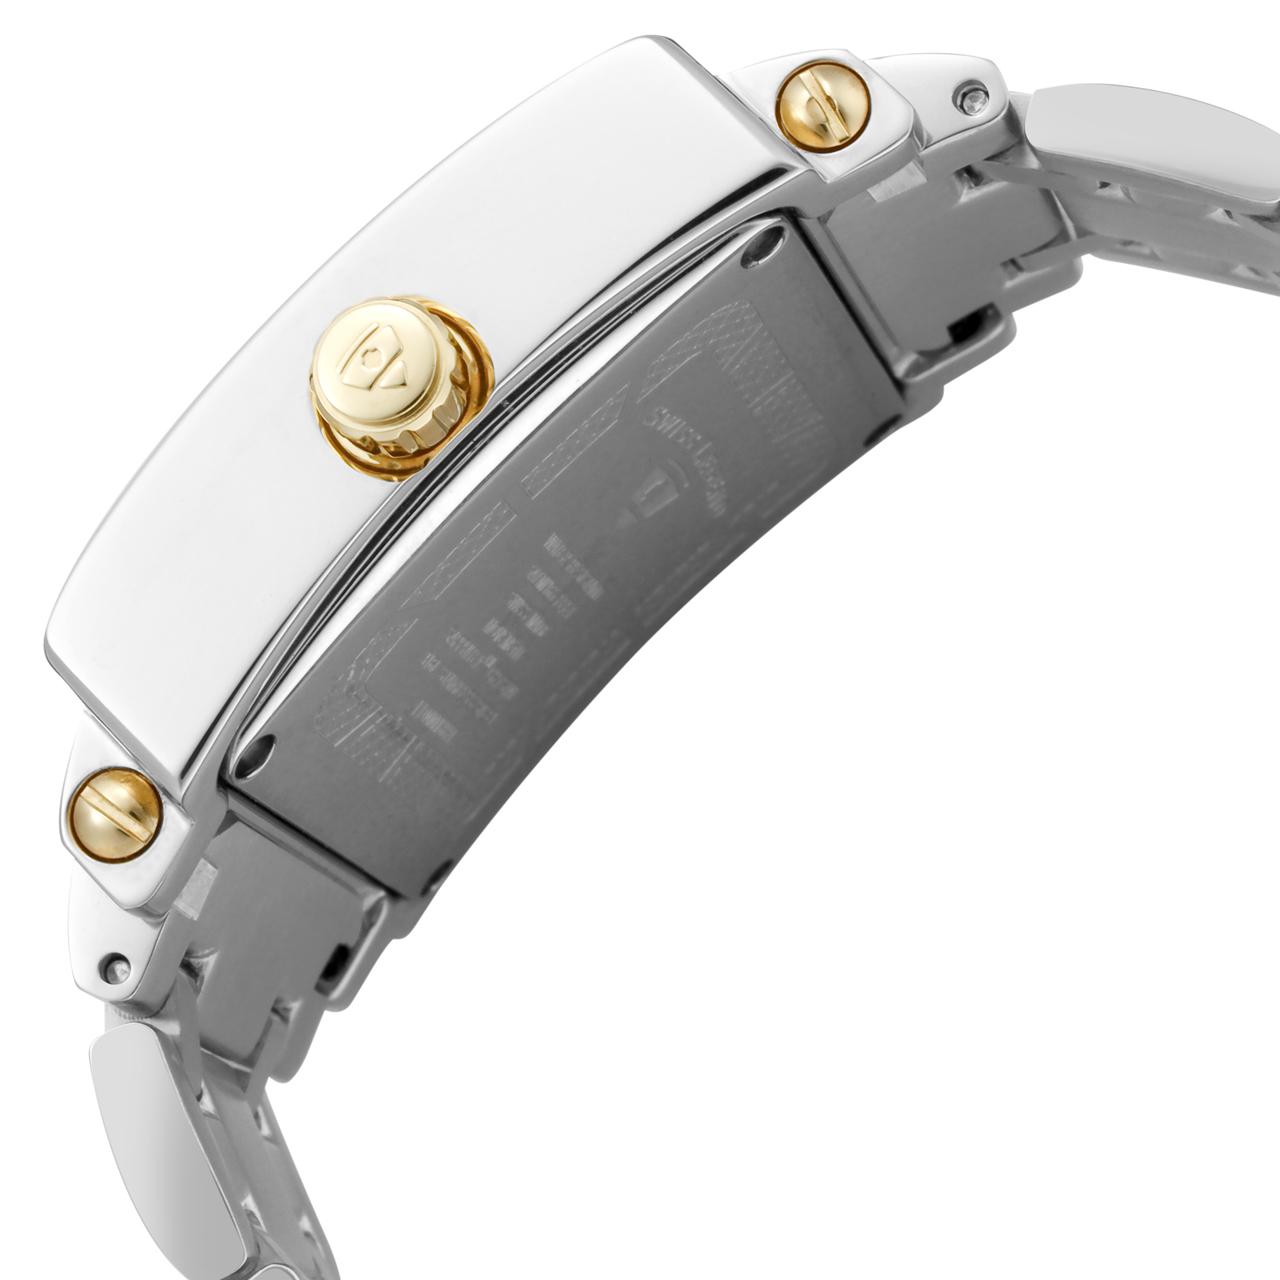 Swiss Legend 瑞士传奇Colosso系列不锈钢方形银色和金色石英机芯女士手表 SL-20024-SG-02MOP